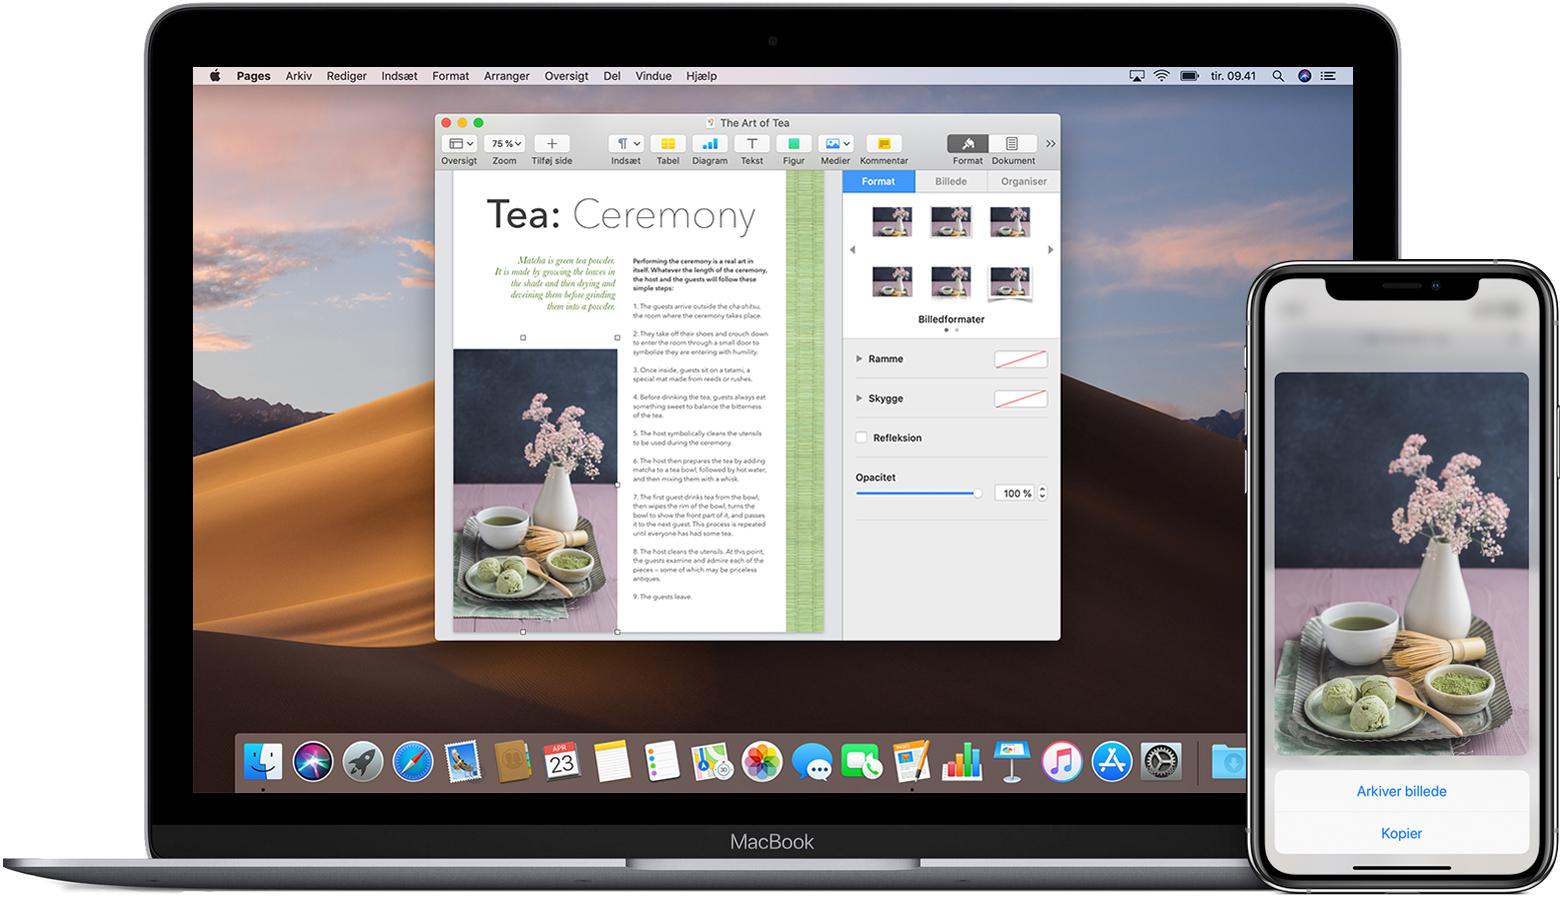 Brug Universel Udklipsholder Til At Kopiere Indhold Og Indsaette Det Pa Andre Af Dine Apple Enheder Apple Support